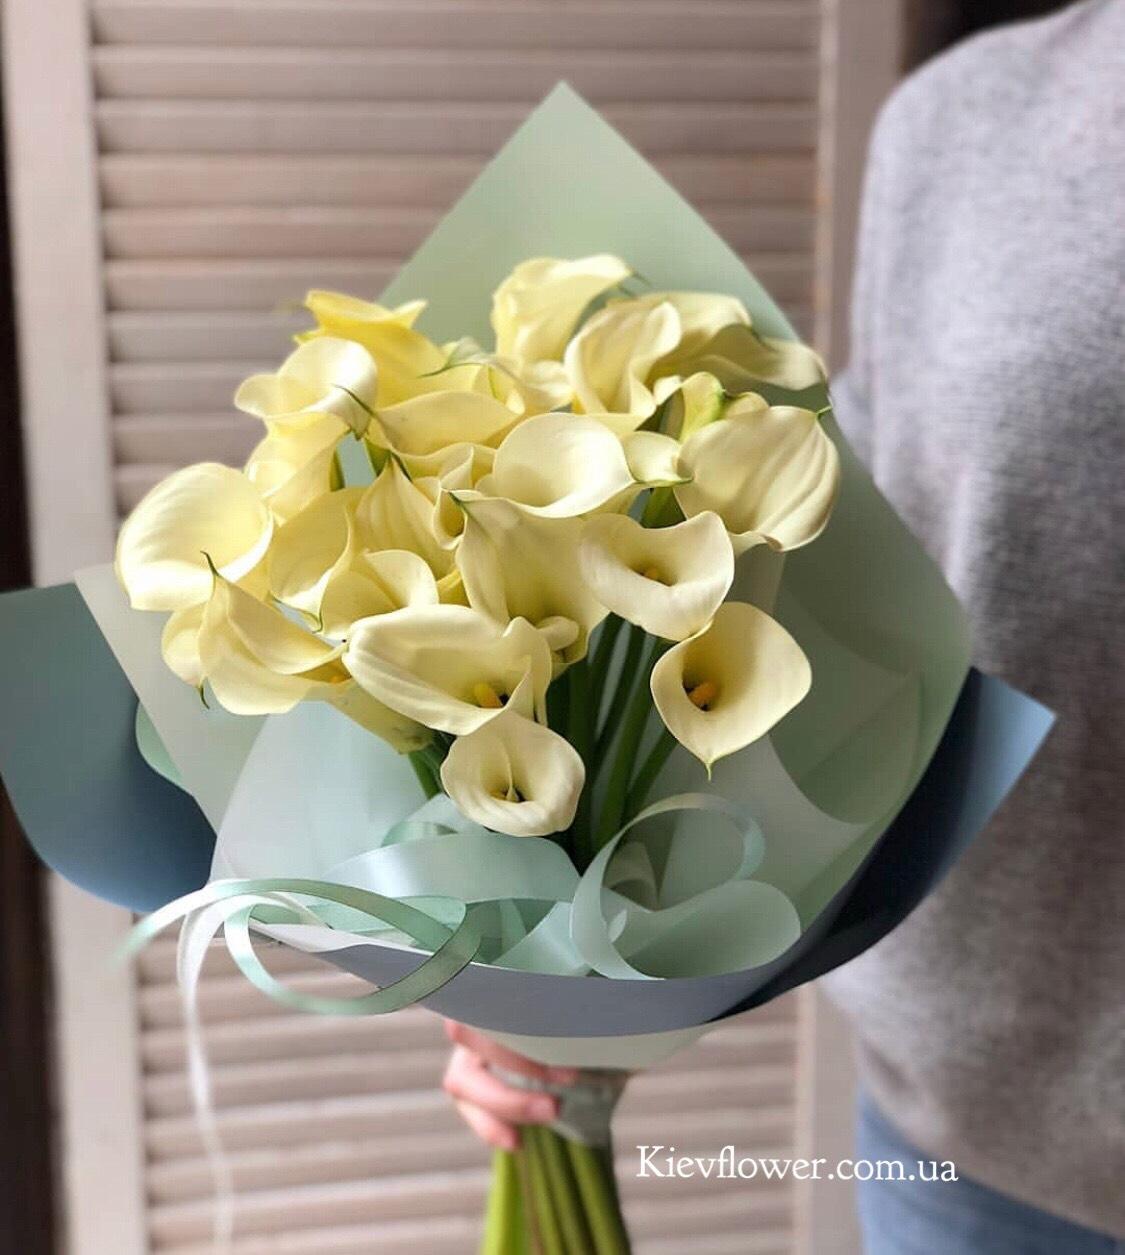 Цветы каллы купить днепр